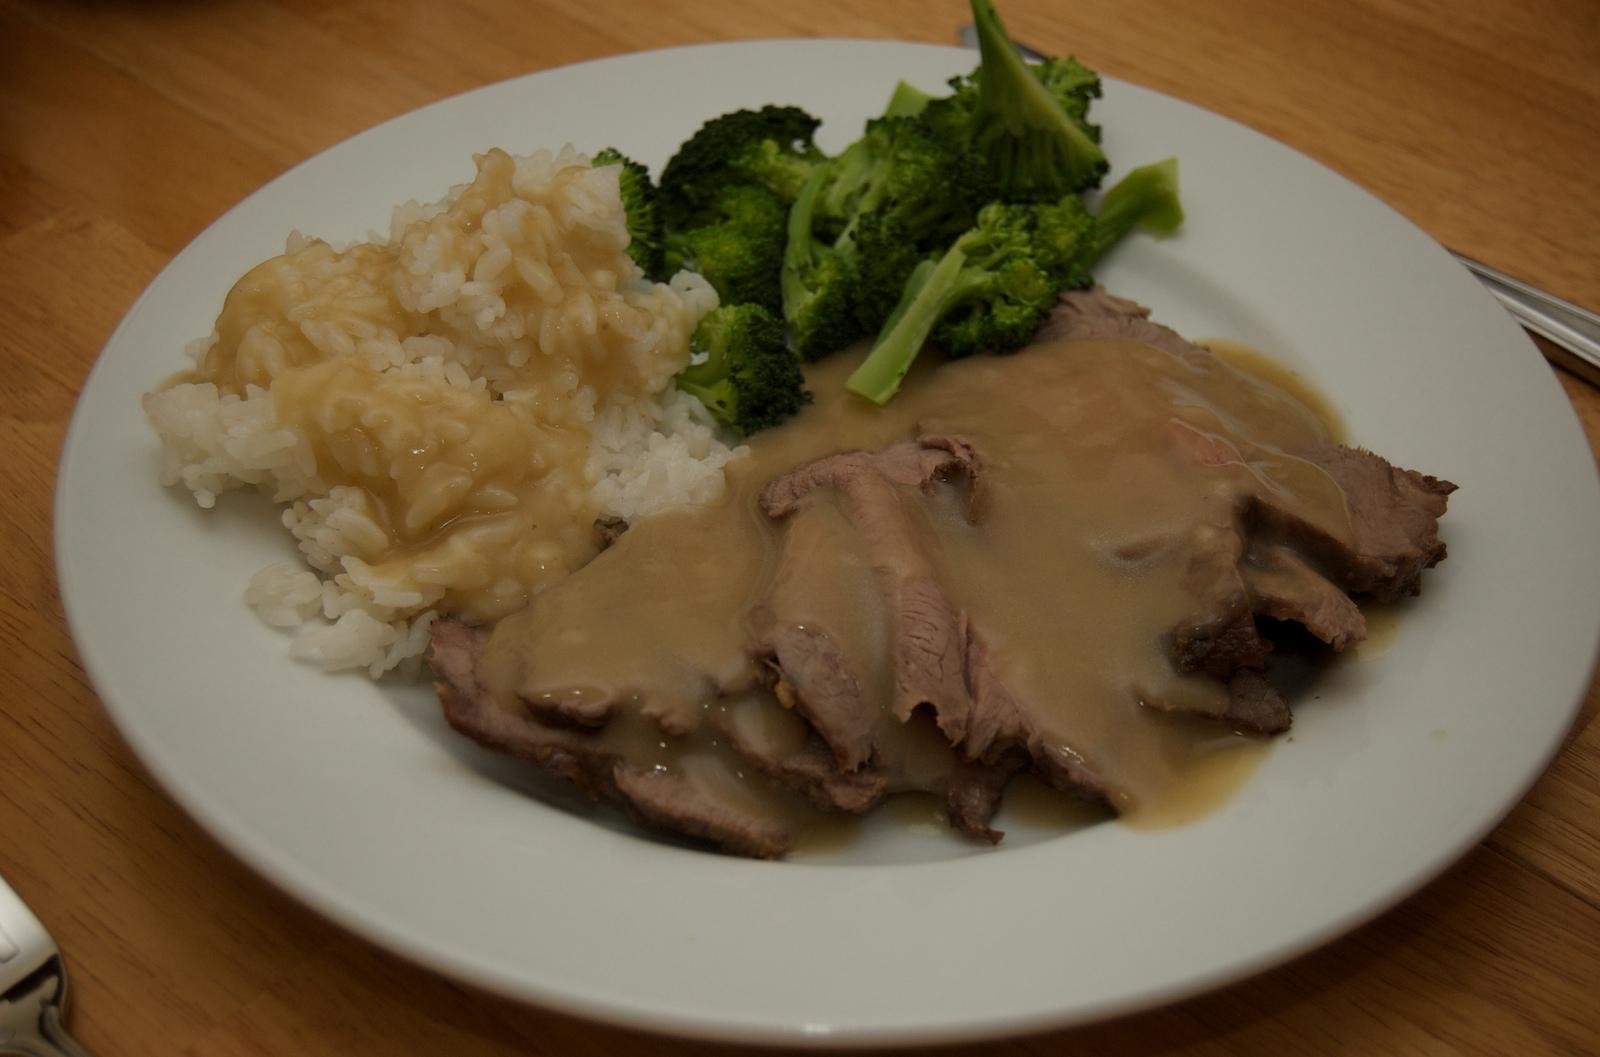 http://blog.rickk.com/food/2009/12/24/DSC_0009.jpg